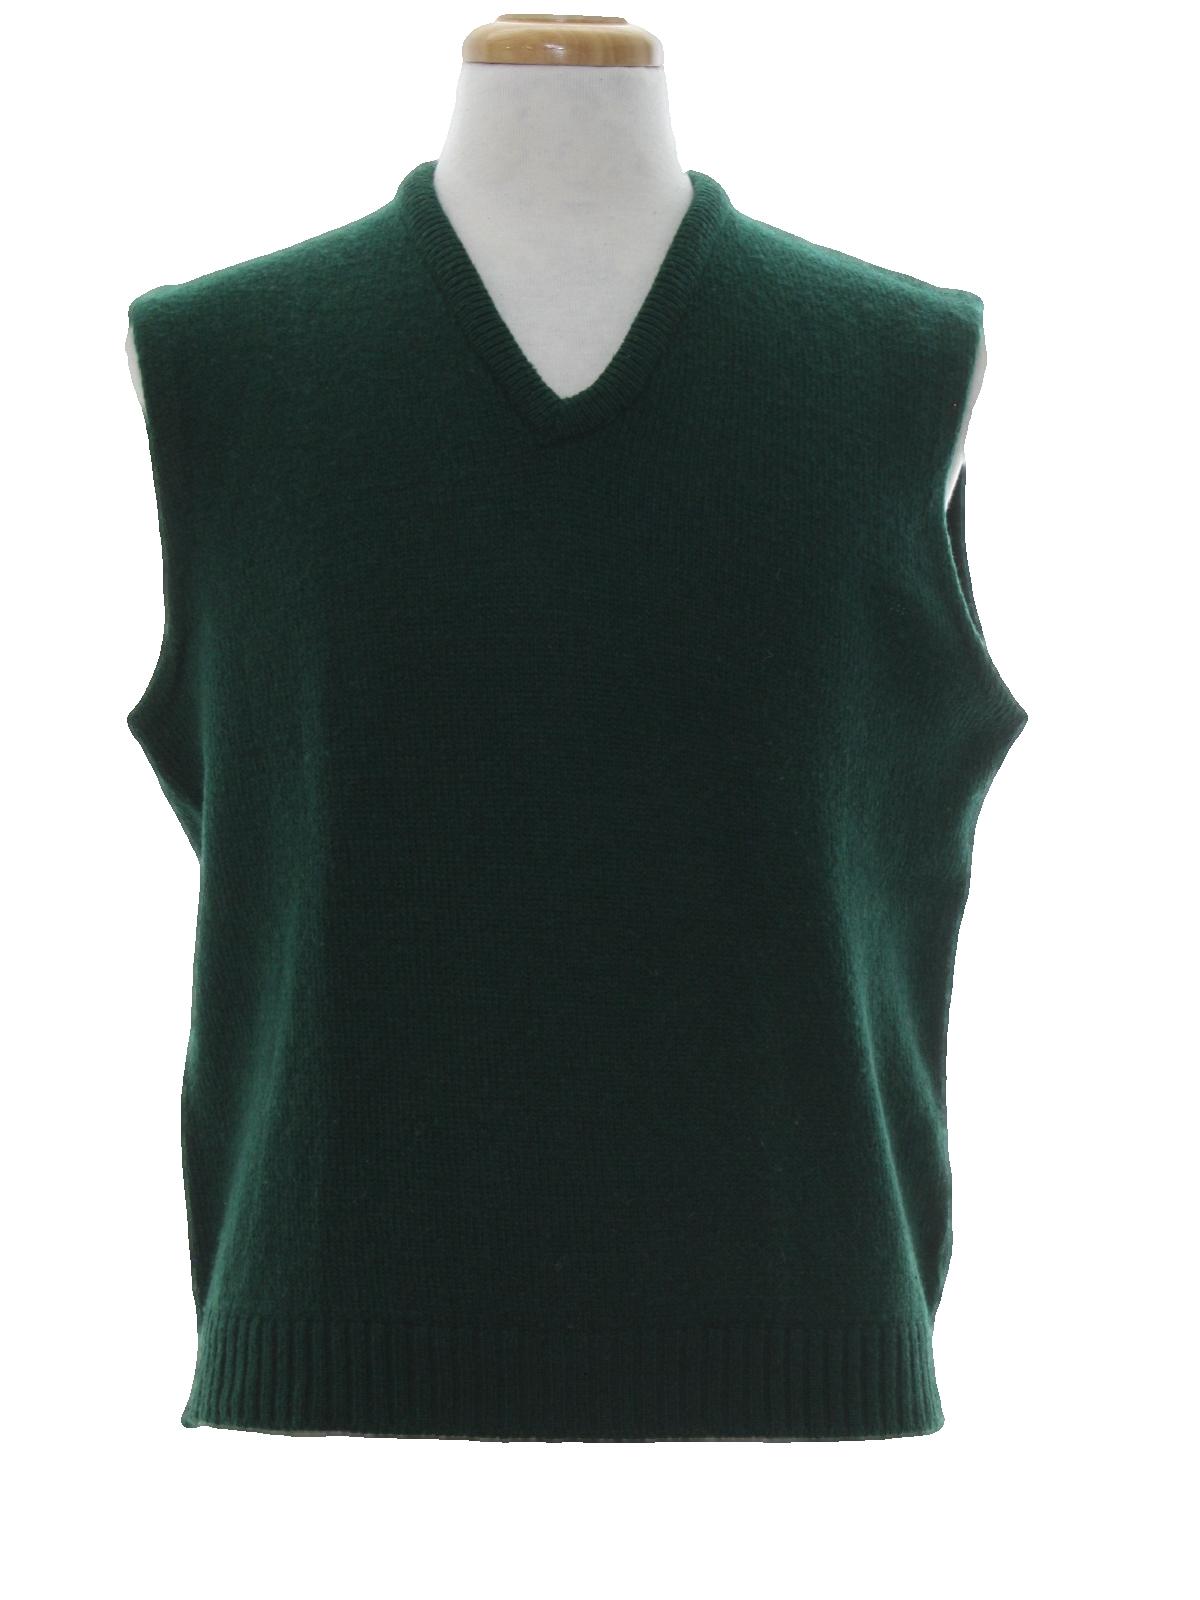 1970's Retro Sweater: 70s -Jantzen Scotch Tumbler- Mens dark green ...